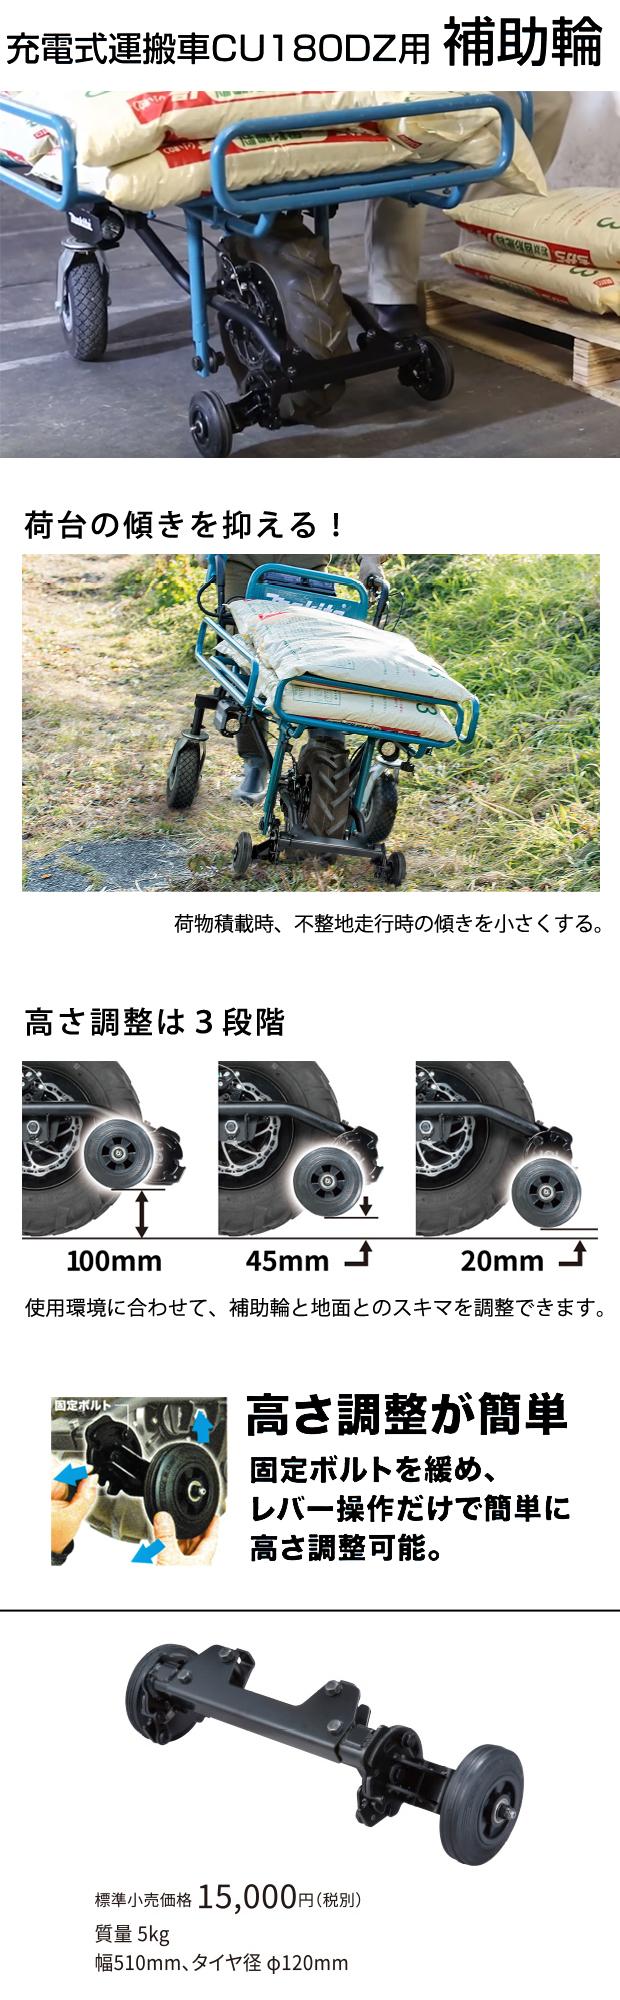 マキタ 充電式運搬車CU180DZ用補助輪 A-68878